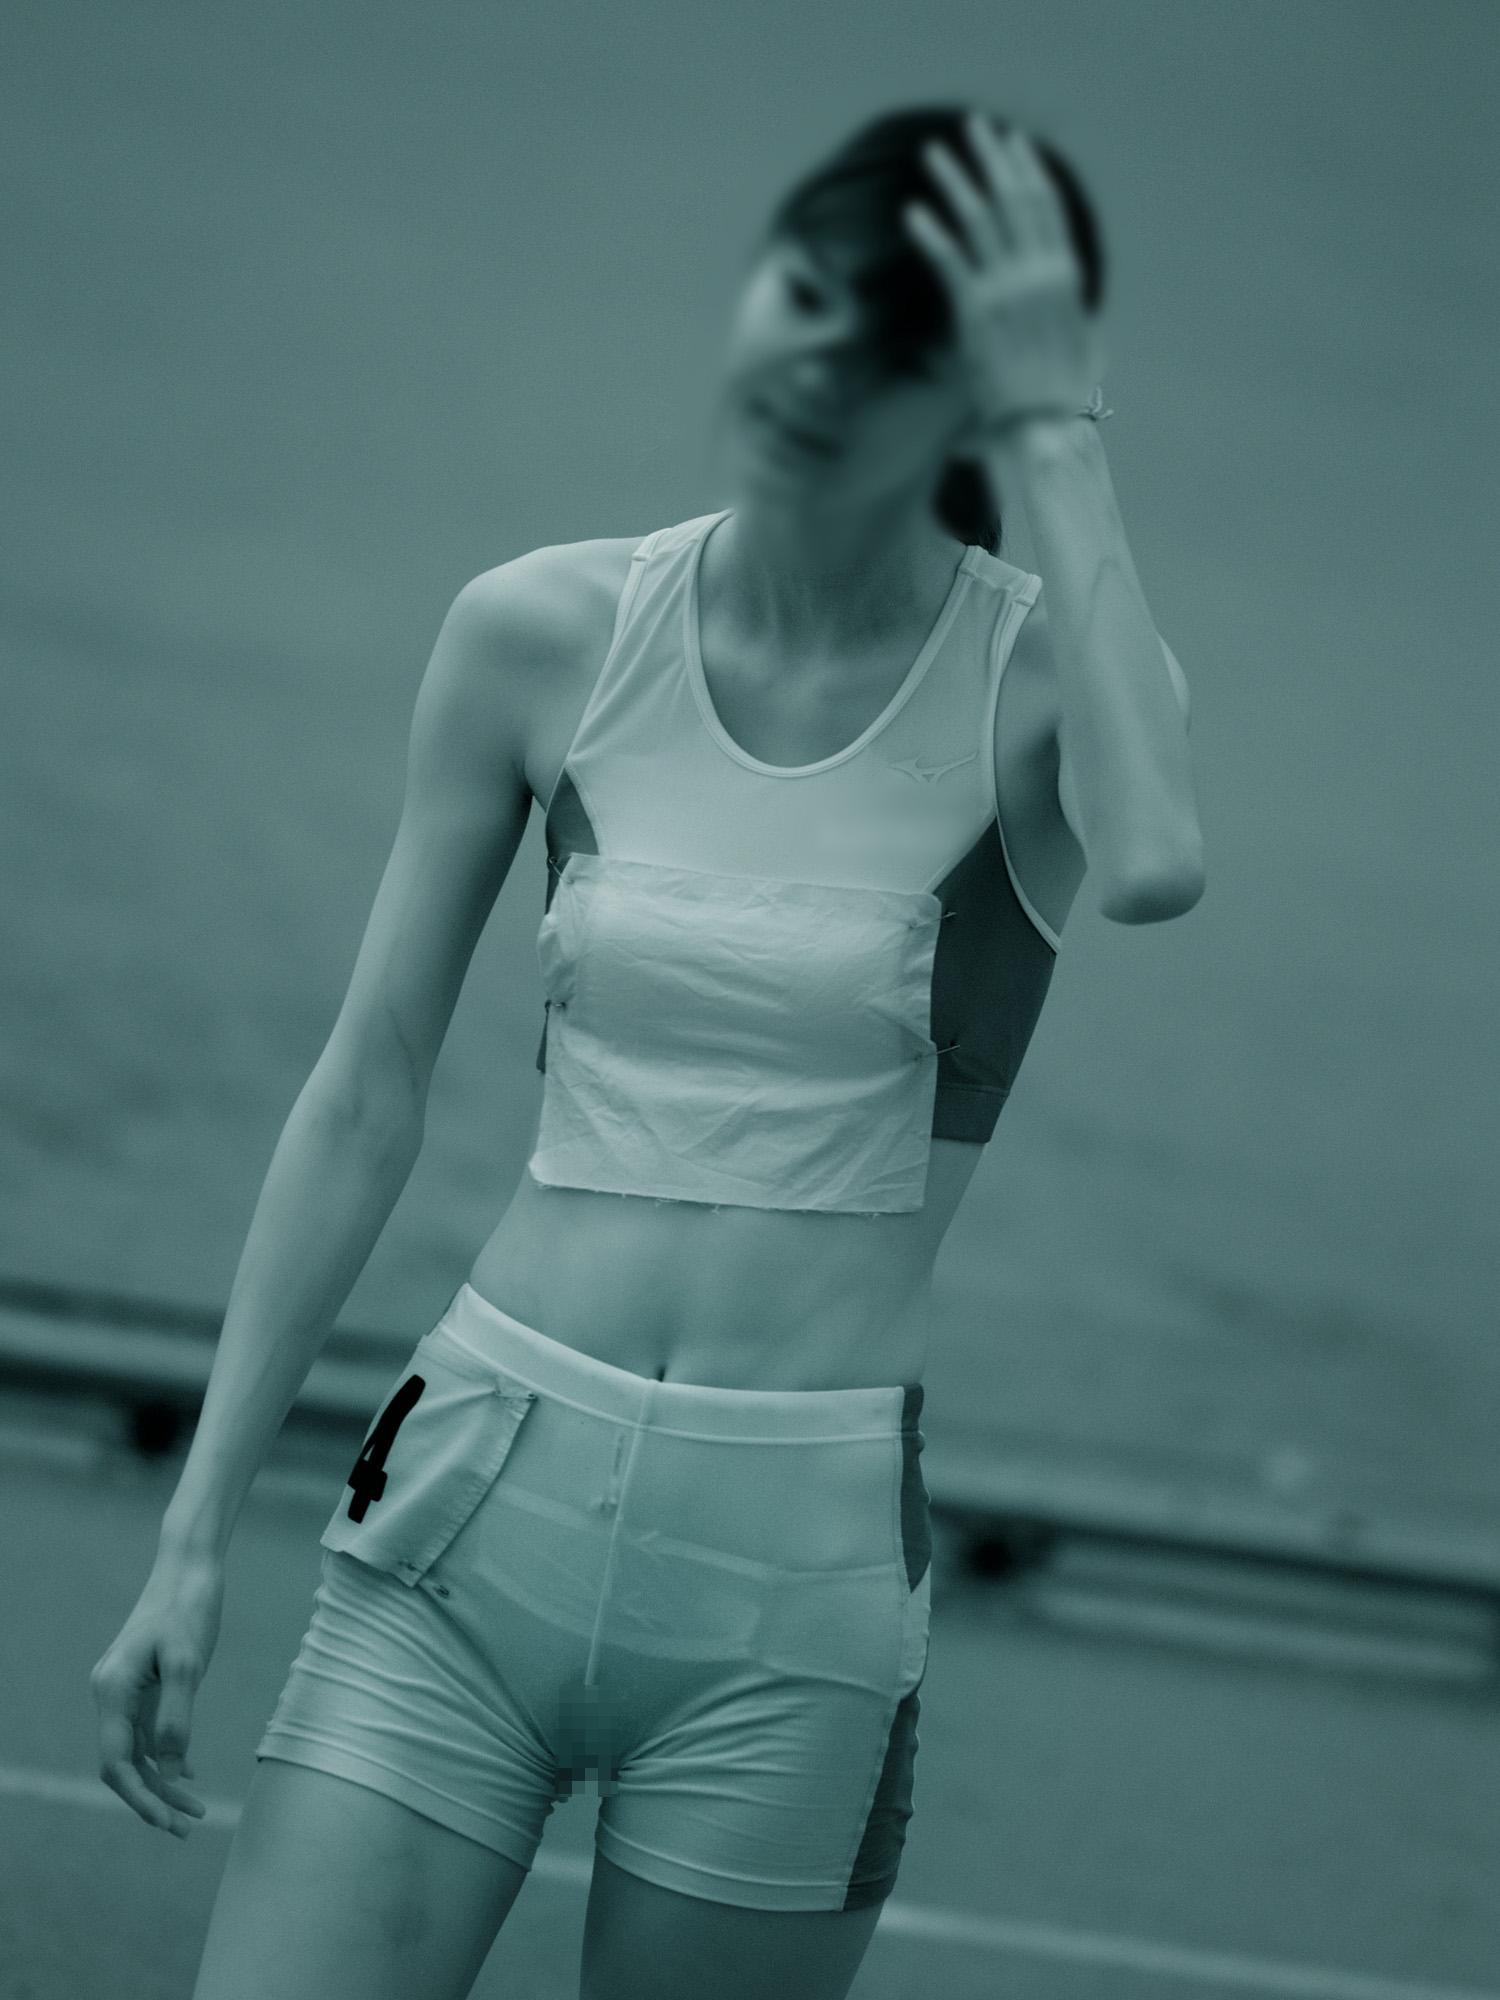 筋まんと下着を赤外線盗撮した女子陸上の実態エロ像15枚目